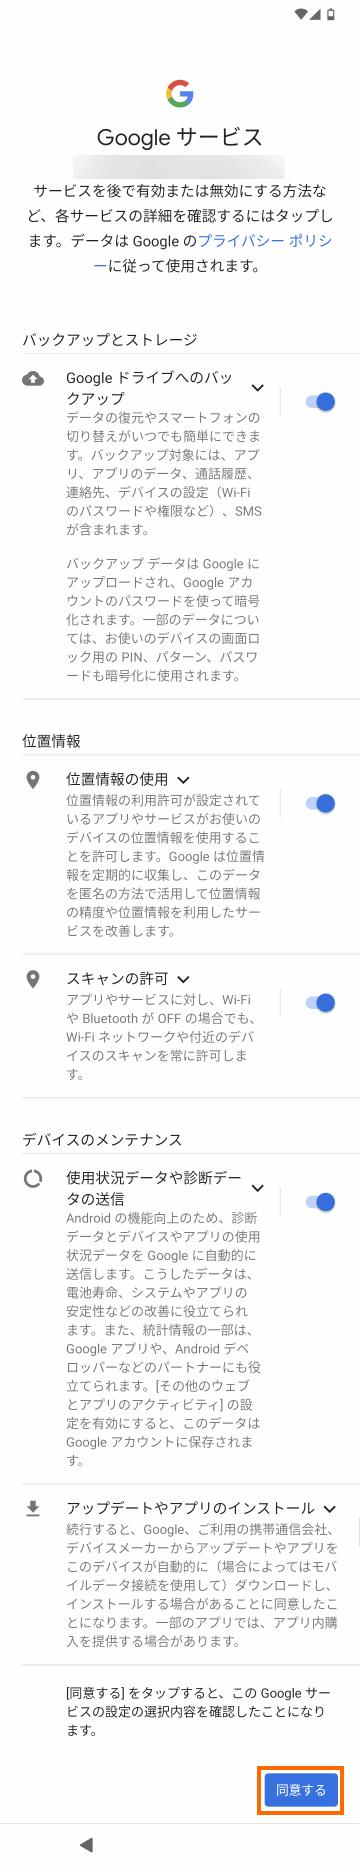 Googleサービスの設定